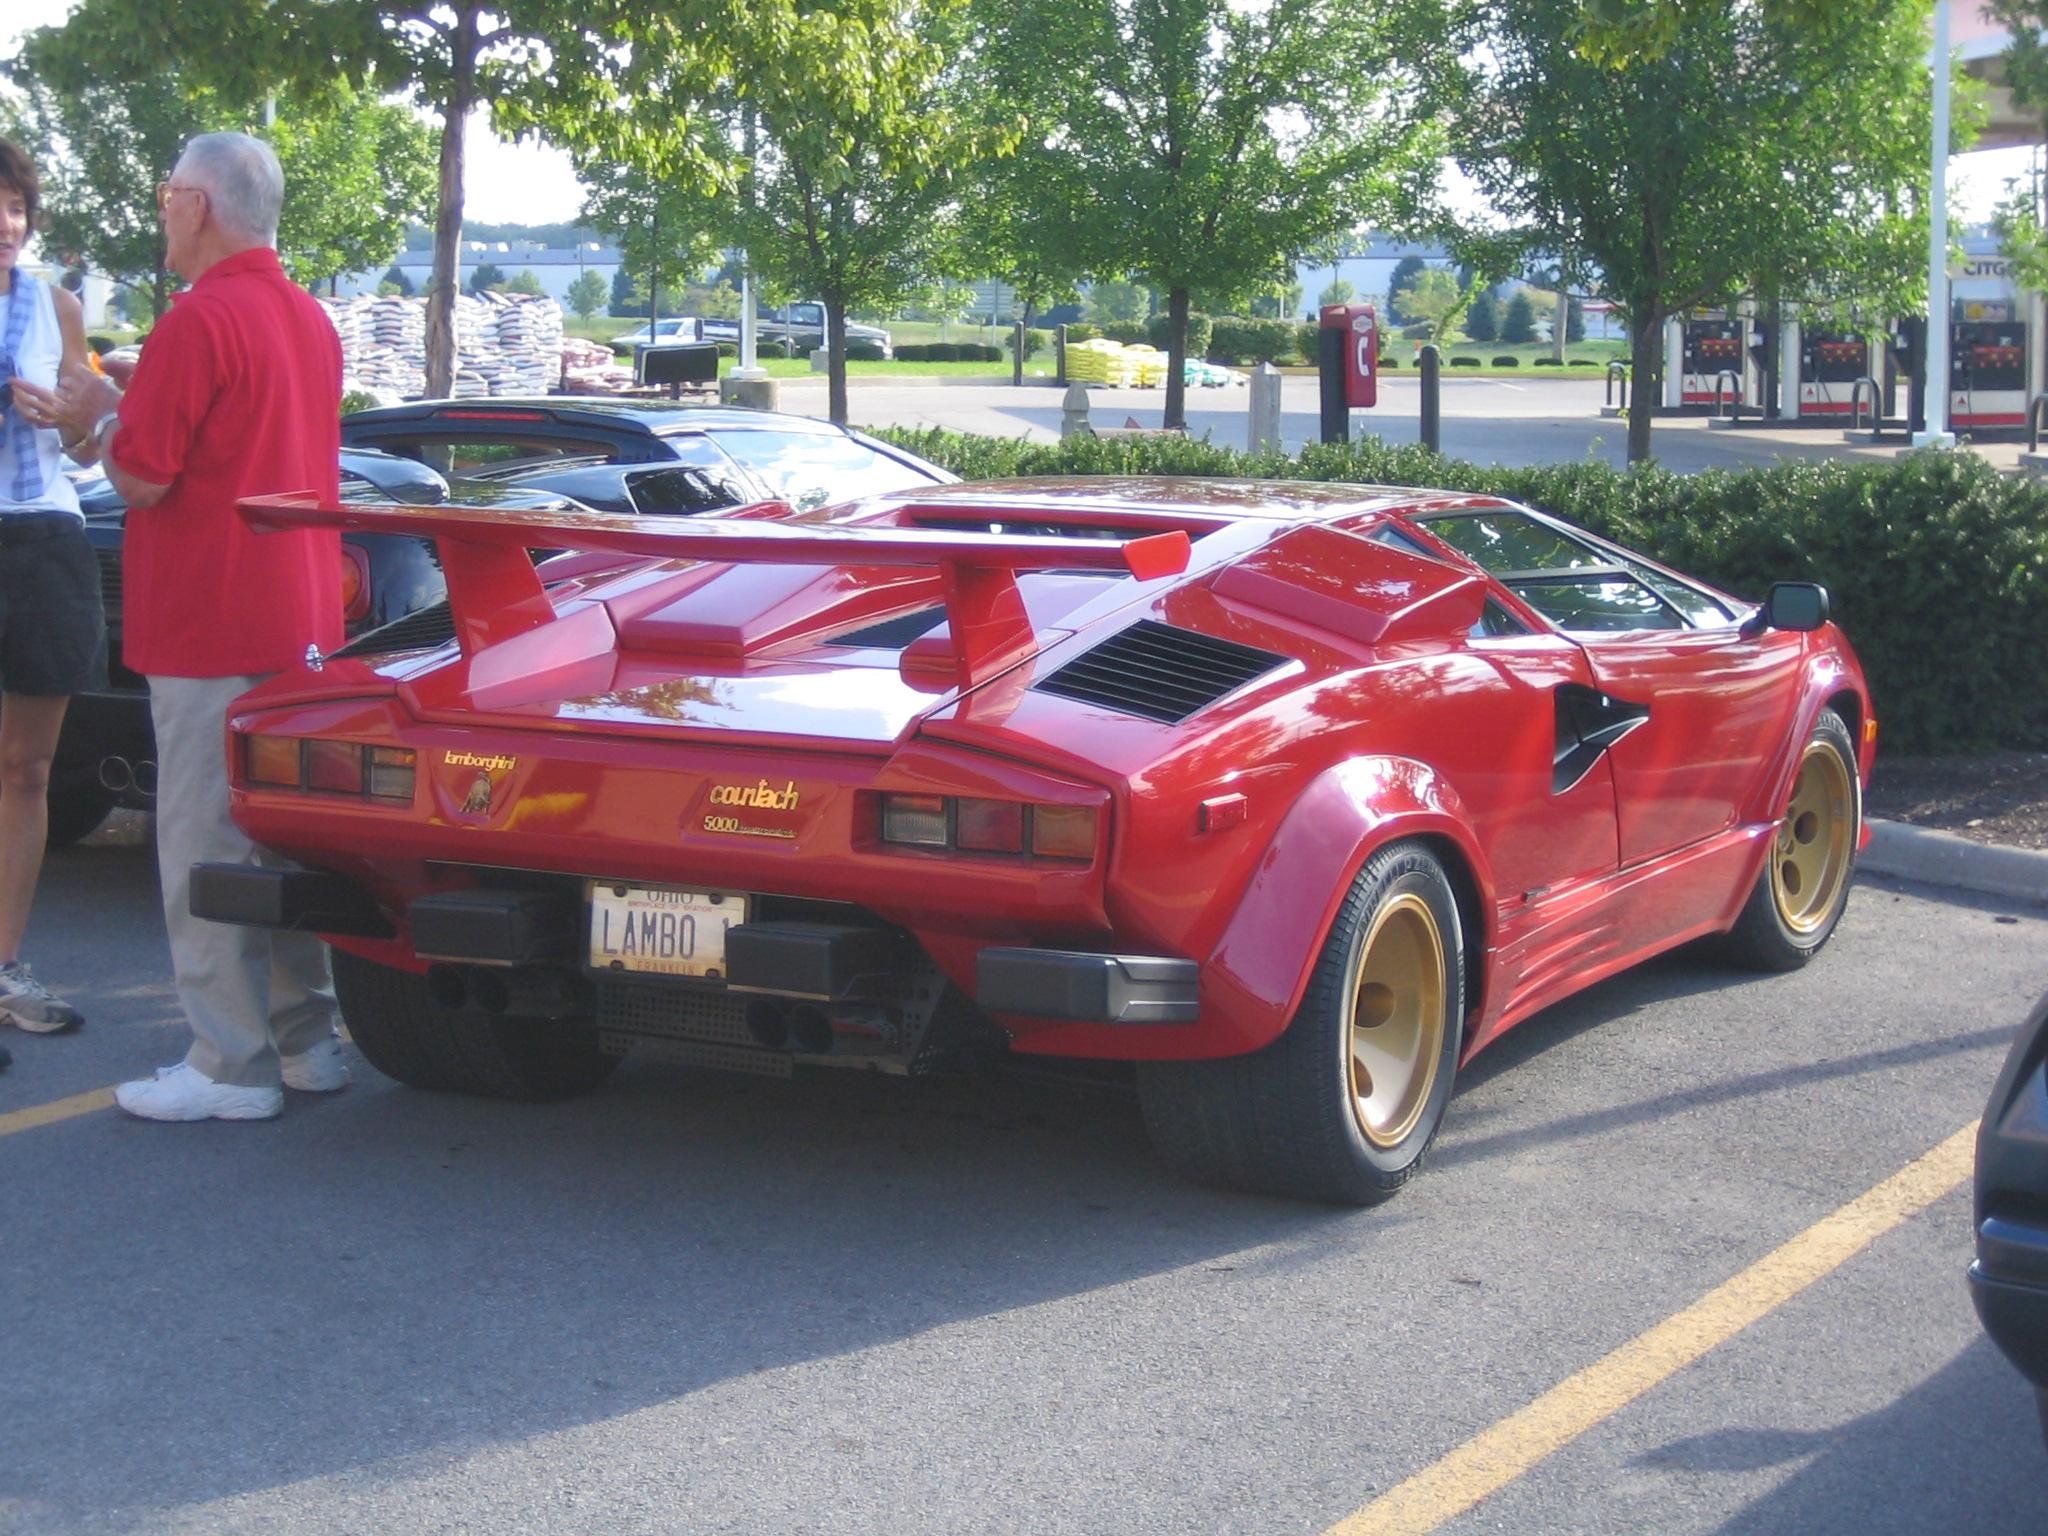 72298_Lamborghini_Countach_595_545lo.jpg